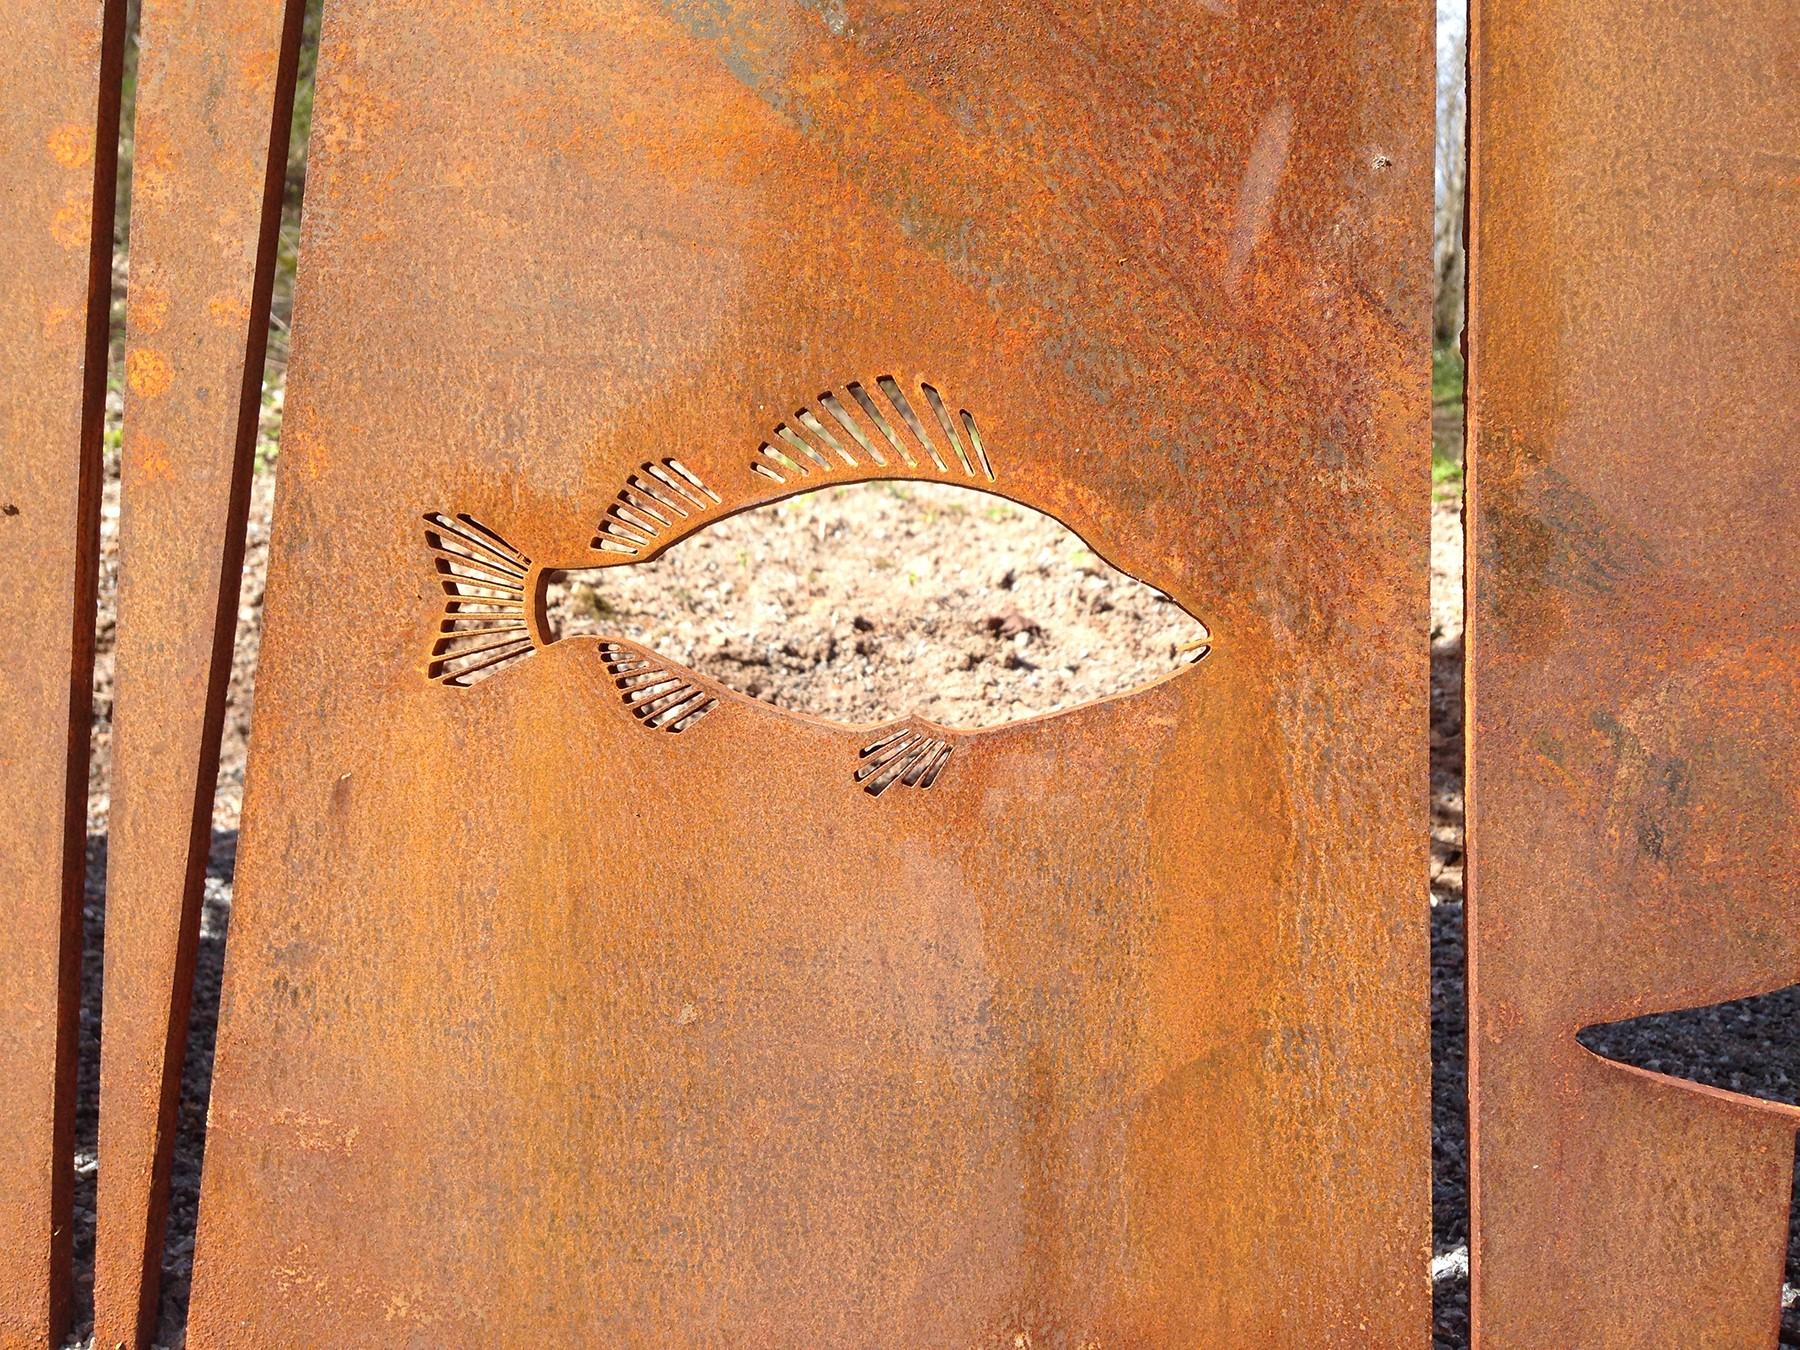 malarpromenaden_LAND_2013_fisk